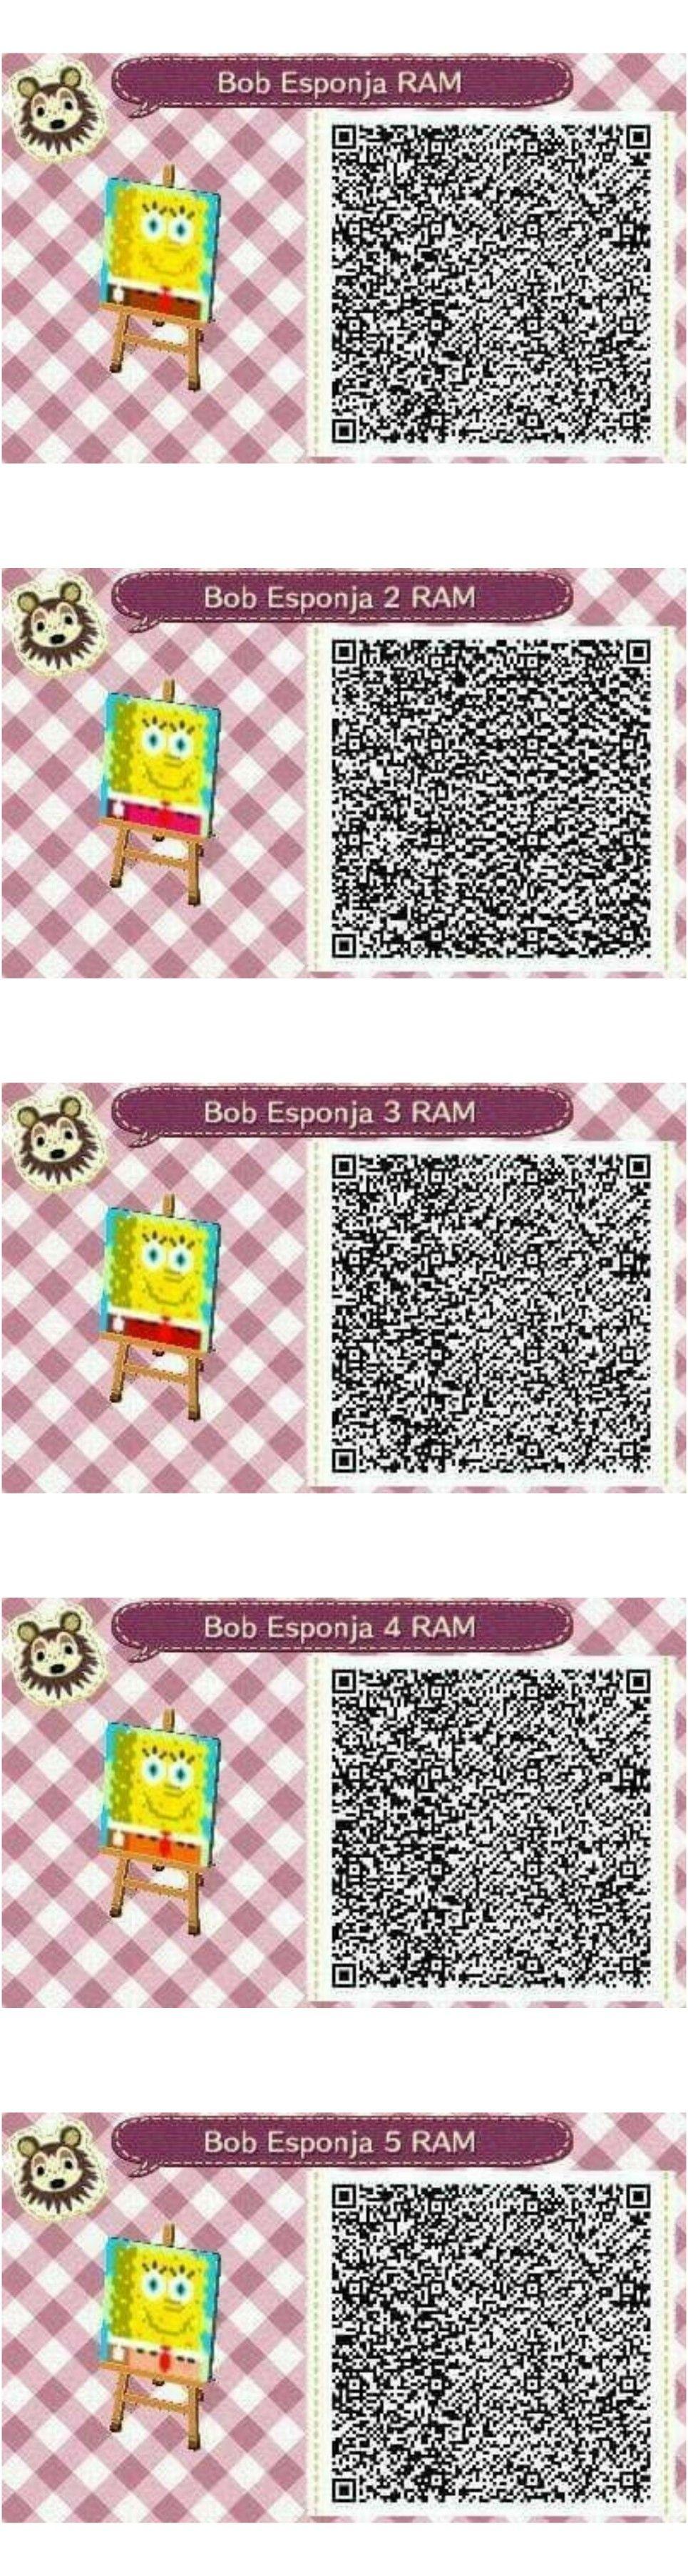 Este es un QR Code para Animal Crossing creado por mí misma. Como podéis observar es un suelo de